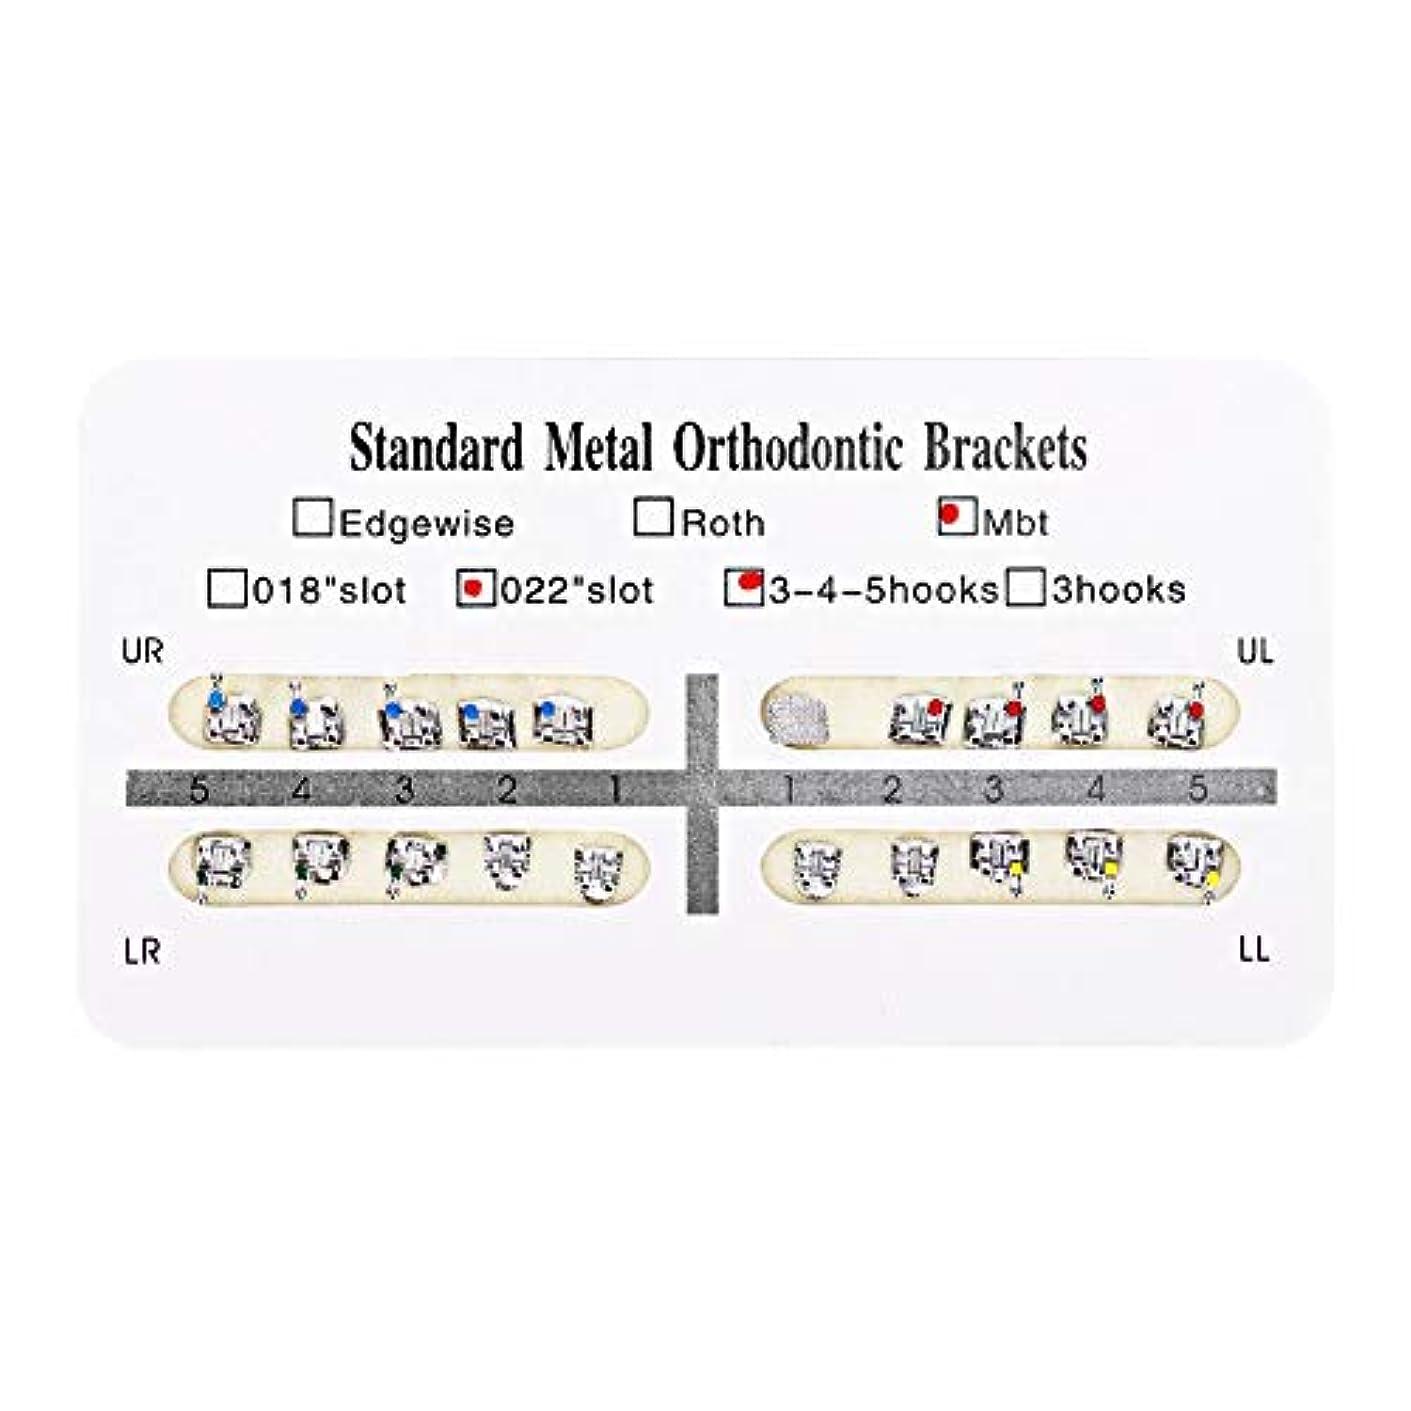 熱意ポスト印象派ケニアNITRIP 10パック 歯科矯正ブラケット クリニーク歯科ツール (Mbt)